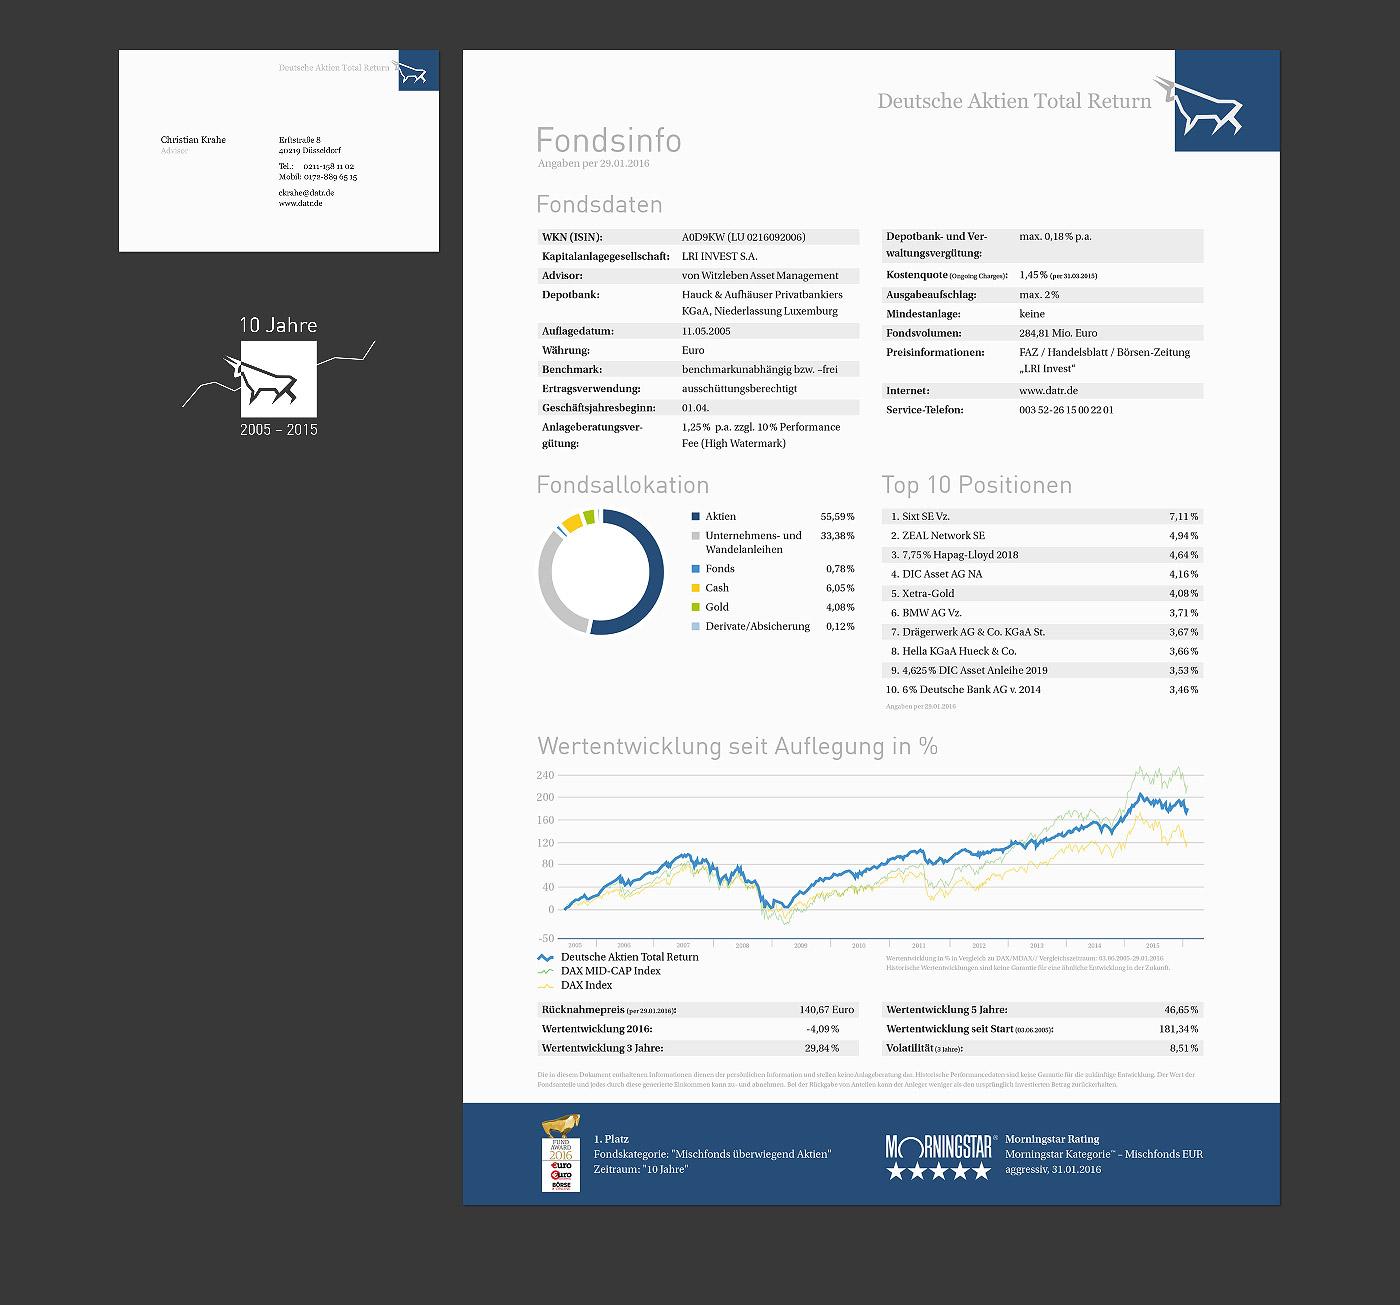 Deutsche Aktien Total Return